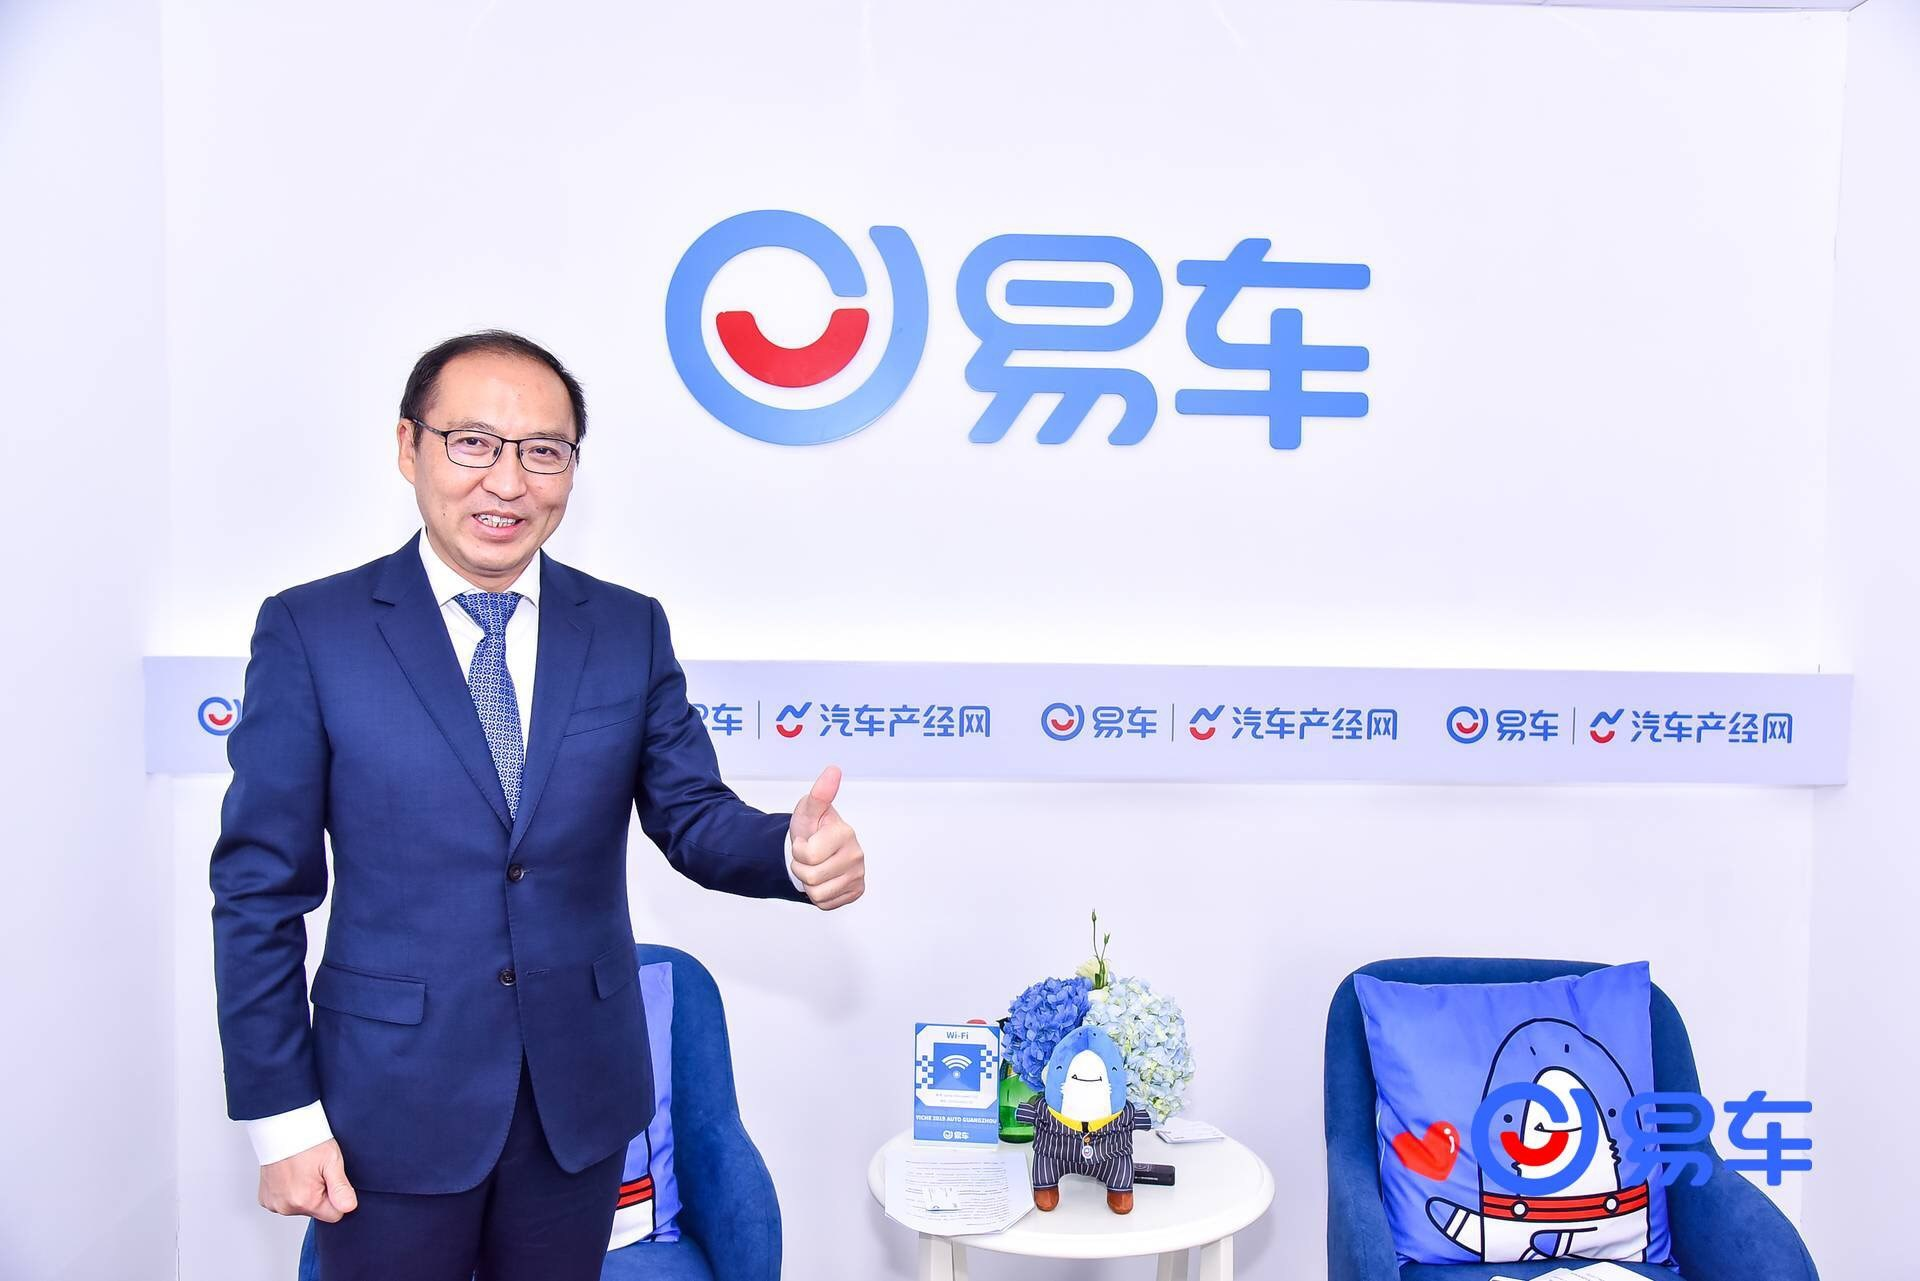 郑纯楷:往后每一年 东风本田都有电动新产品推出丨汽车产经